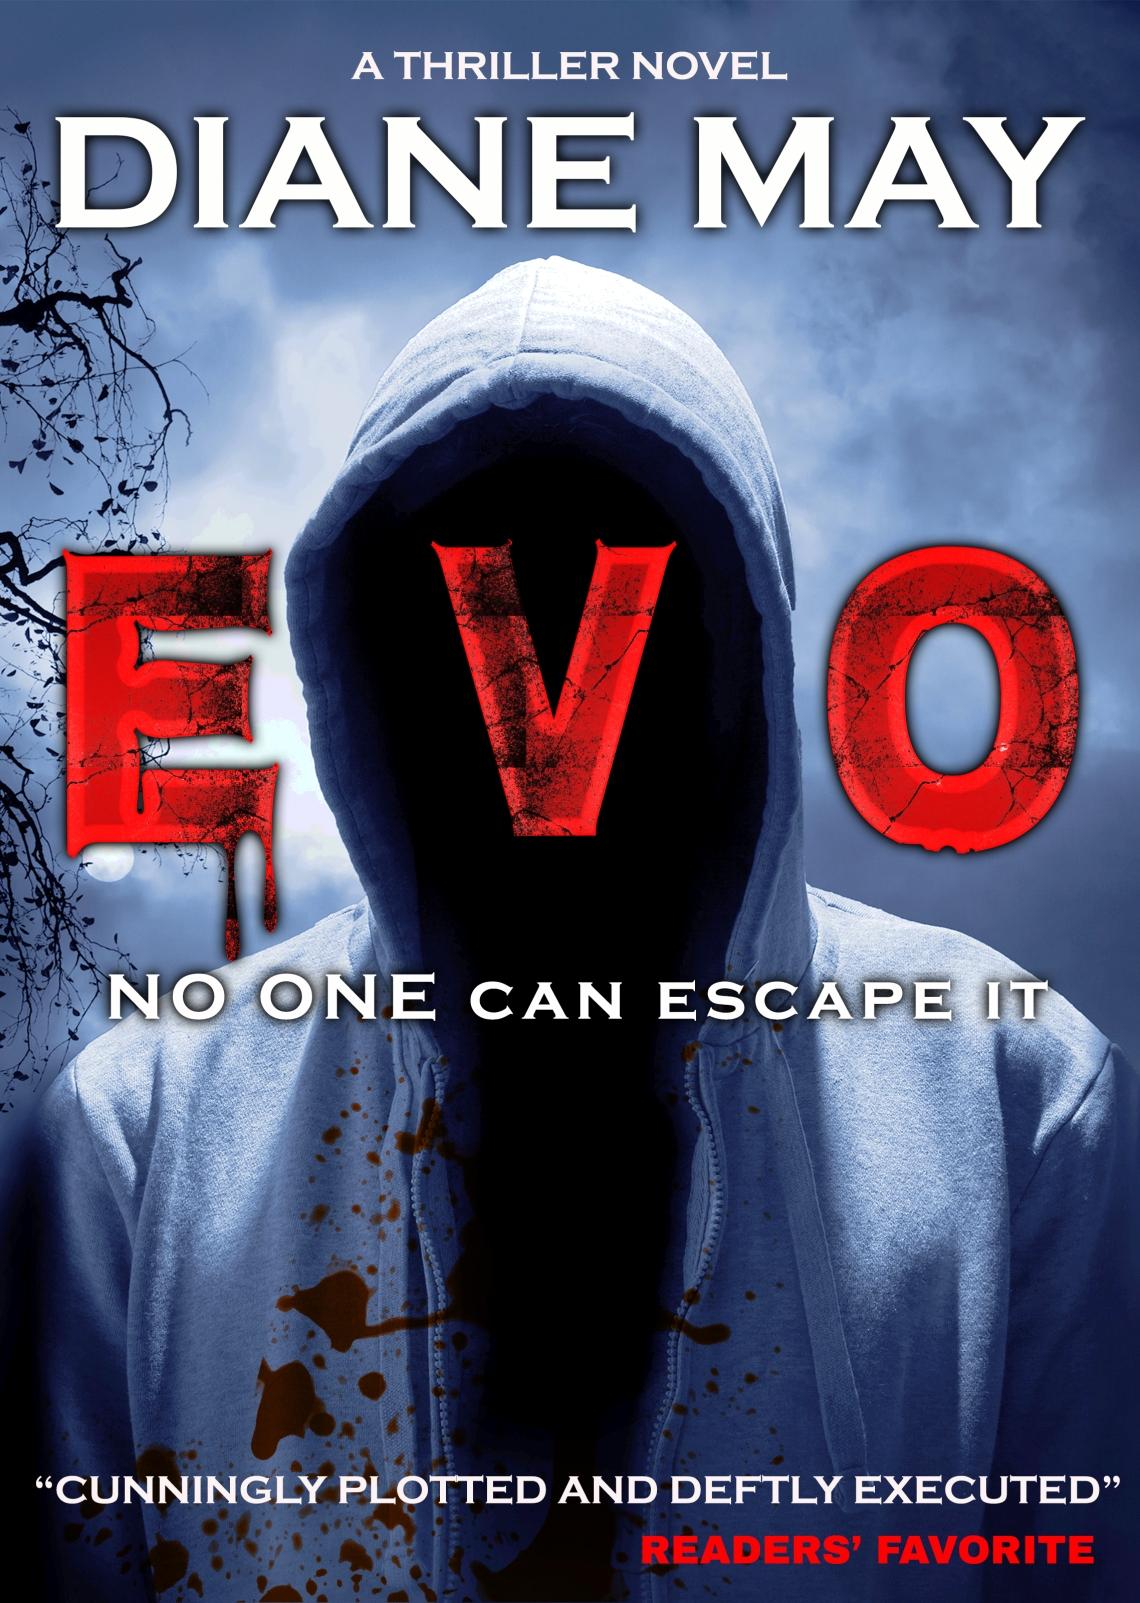 Book Cover Evo Crime Joyful Antidotes